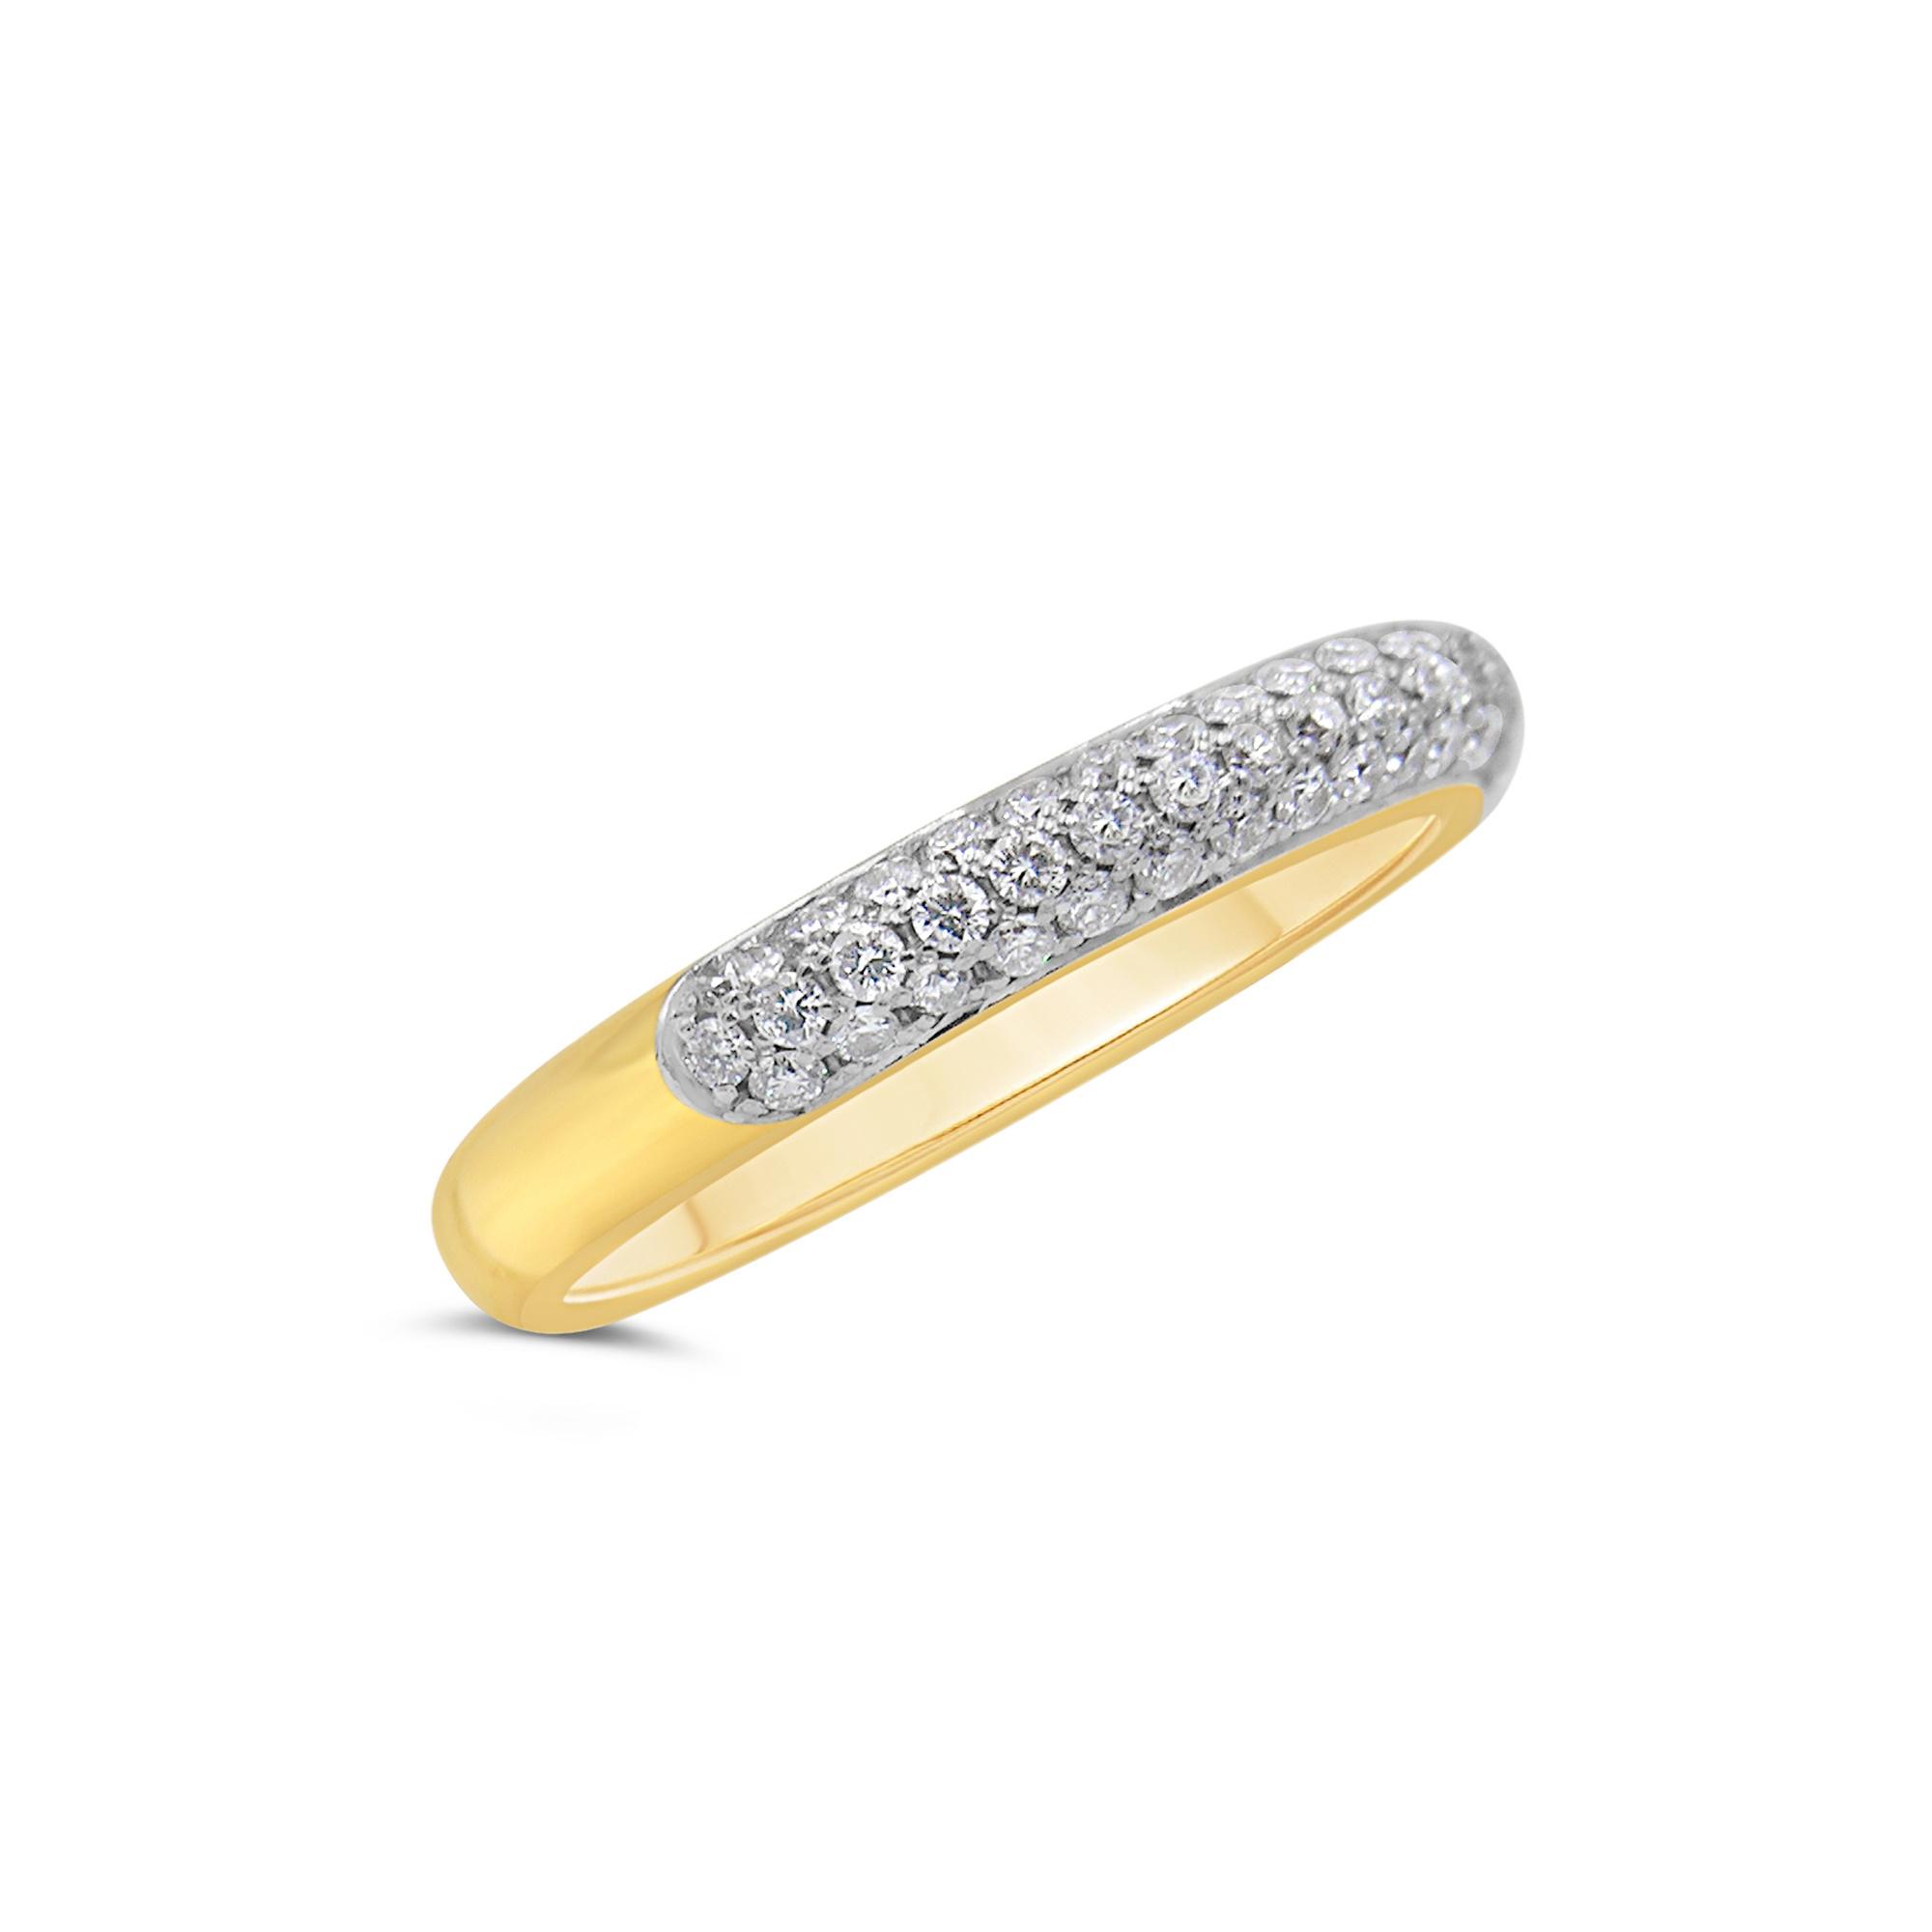 18k geel & wit goud ring met 0.50 ct diamanten